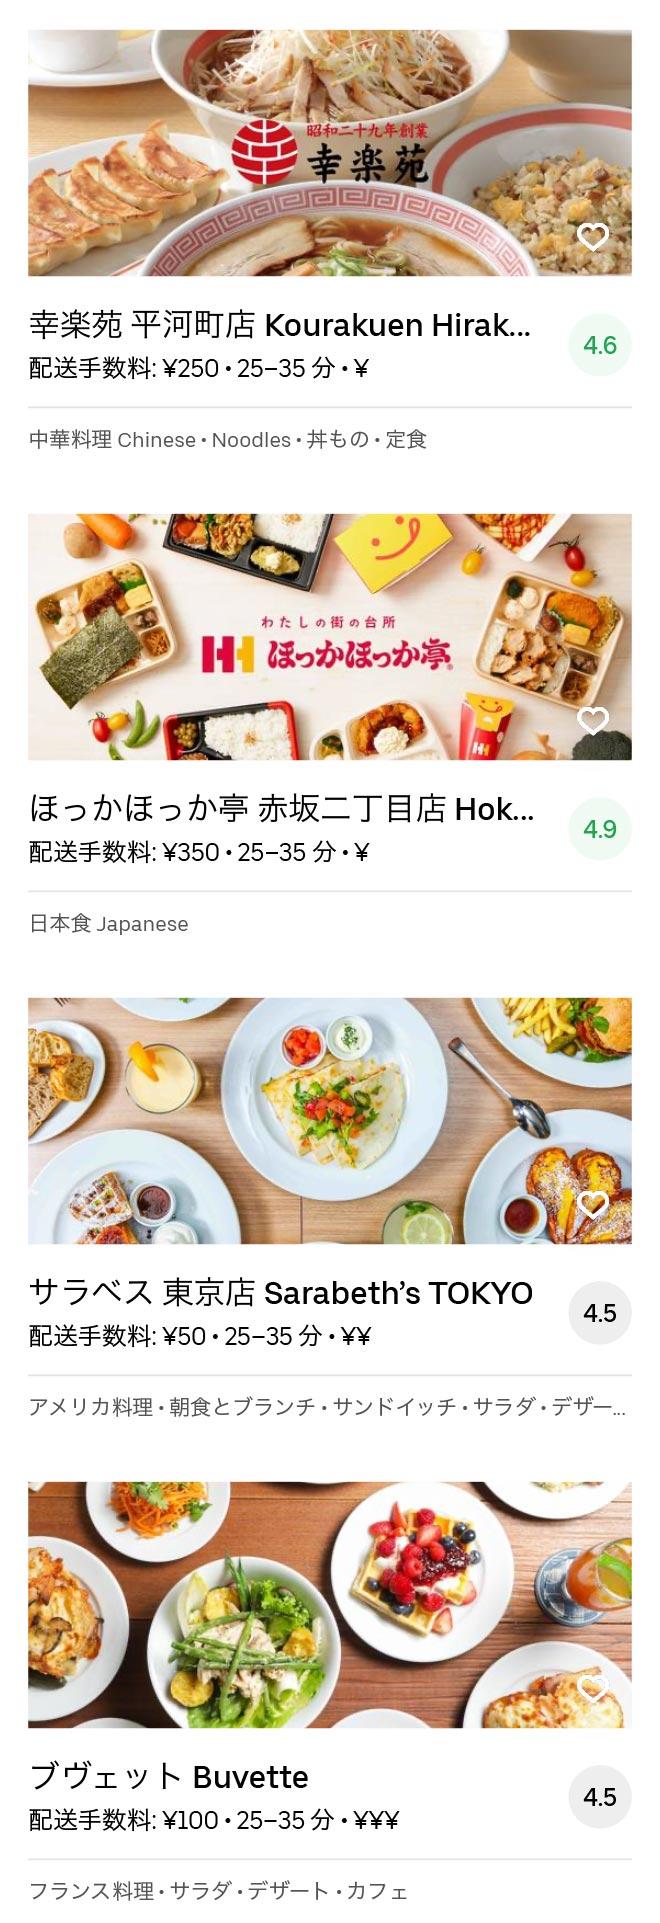 Tokyo otemachi menu 2005 03